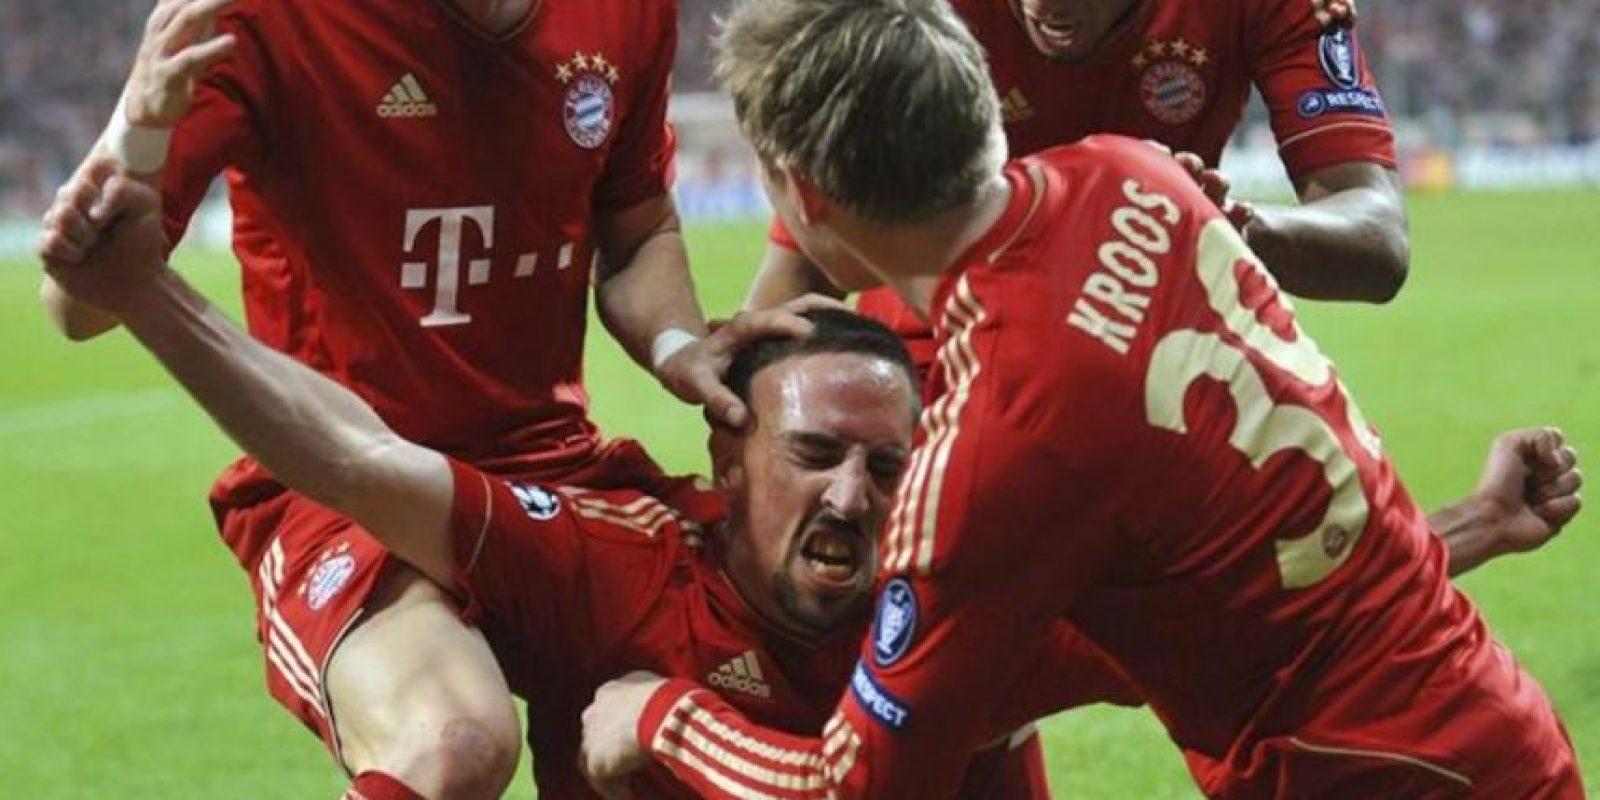 El centrocampista francés Frank Ribery (C) del Bayer de Munich celebra su gol ante el Real Madrid durante la ida de semifinales de la UEFA Champions League en Múnich, Alemania. EFE